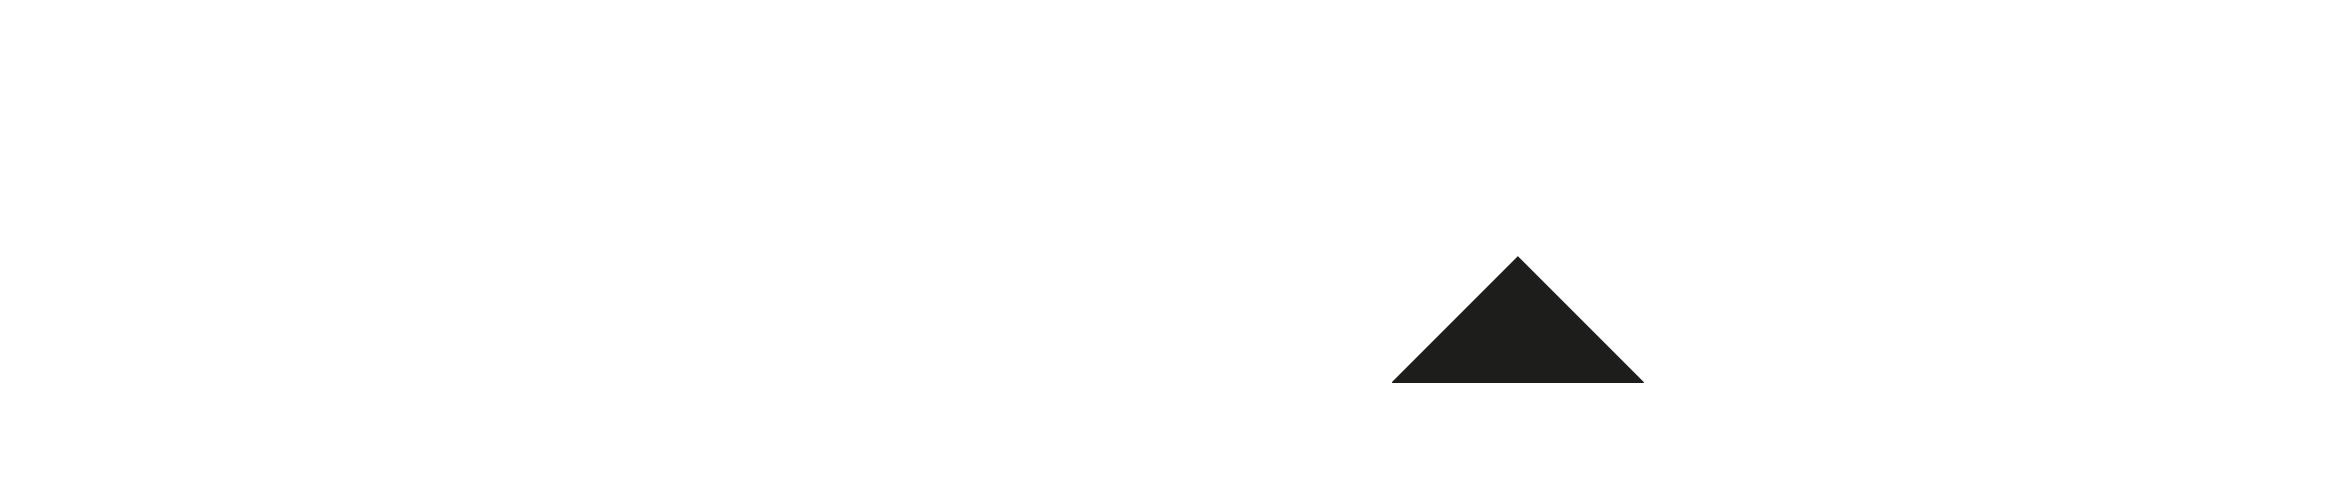 footer-logo-partner-1